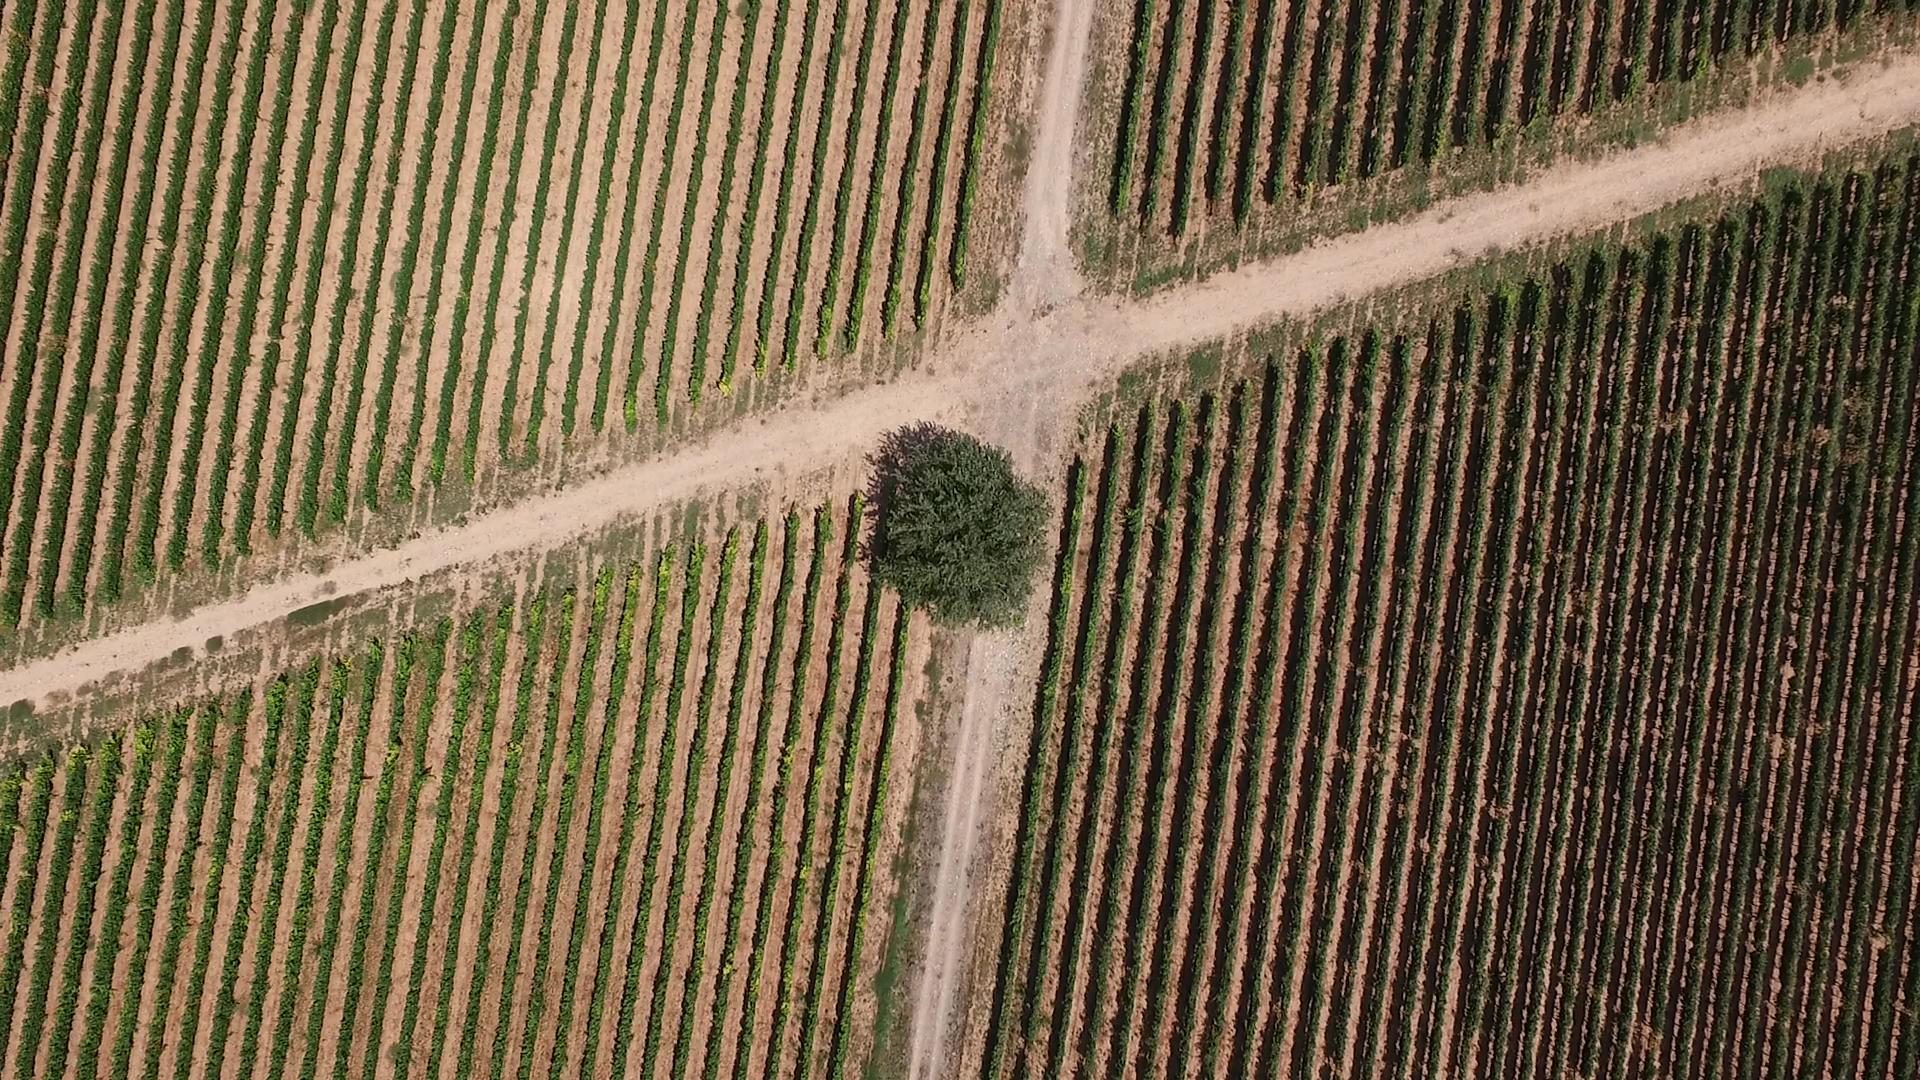 Rioja Vega en los medio mayo 2020